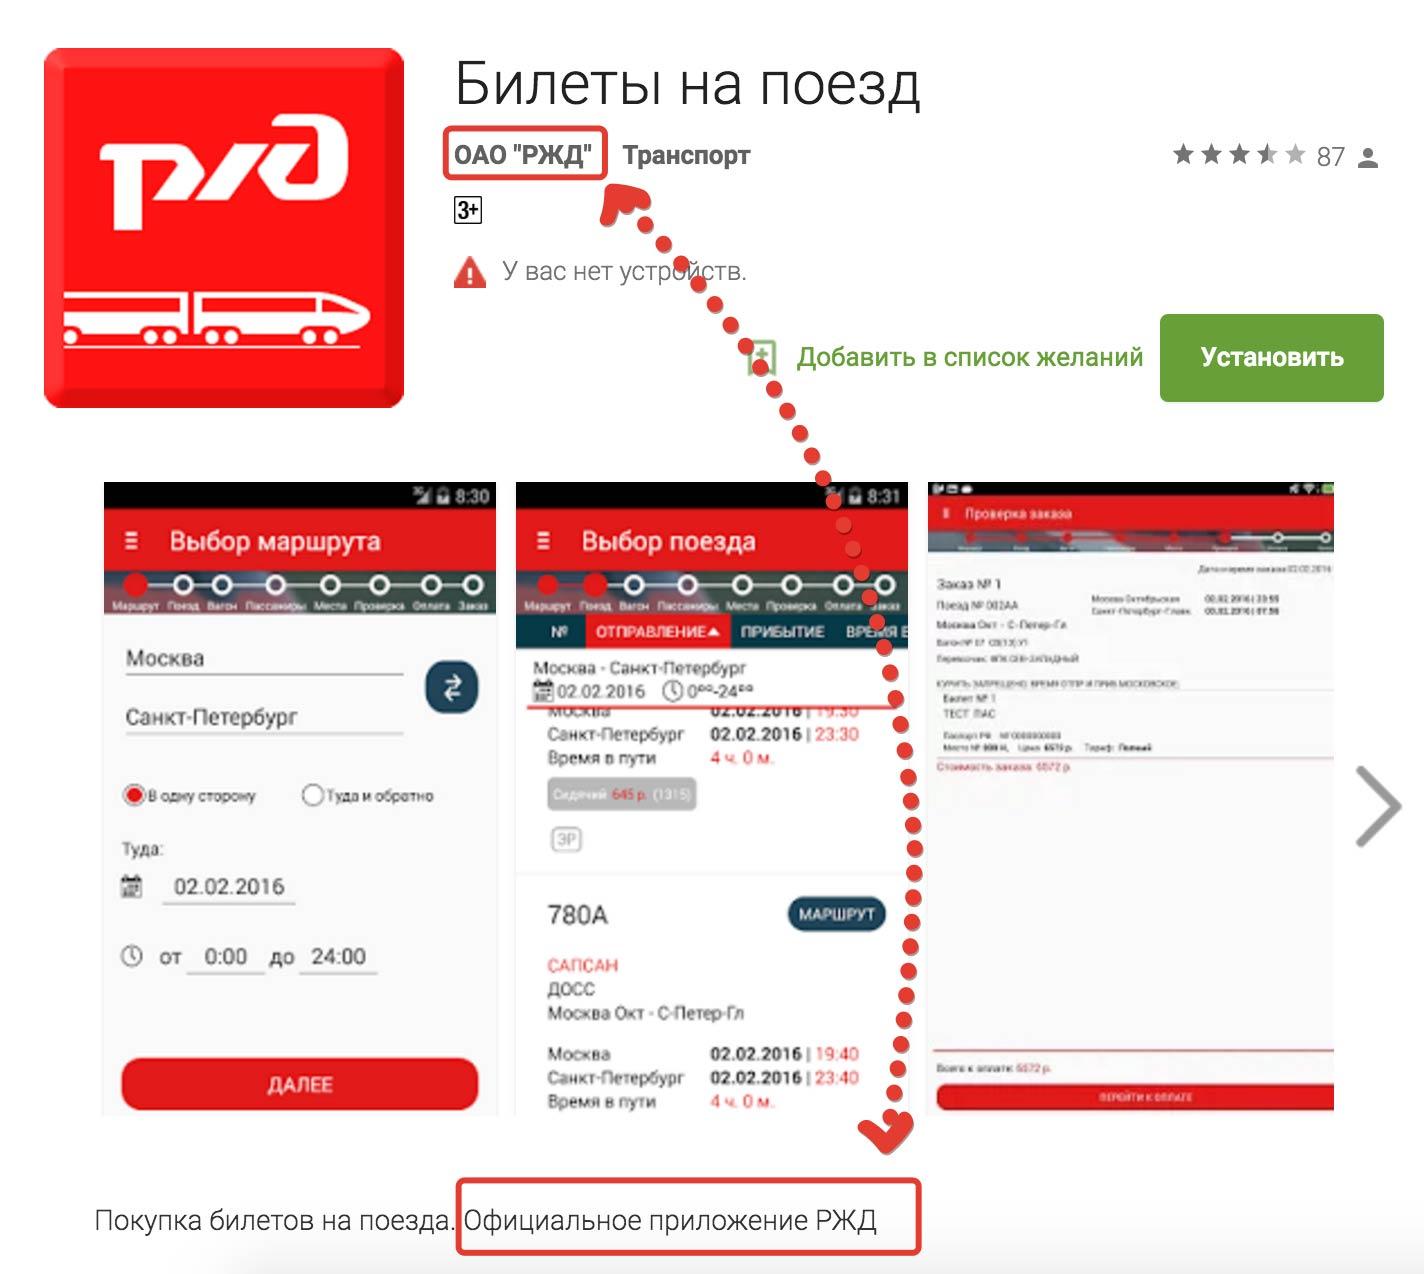 яндекс жд билеты официальный сайт ржд купить билет зиму удовольствием, тем